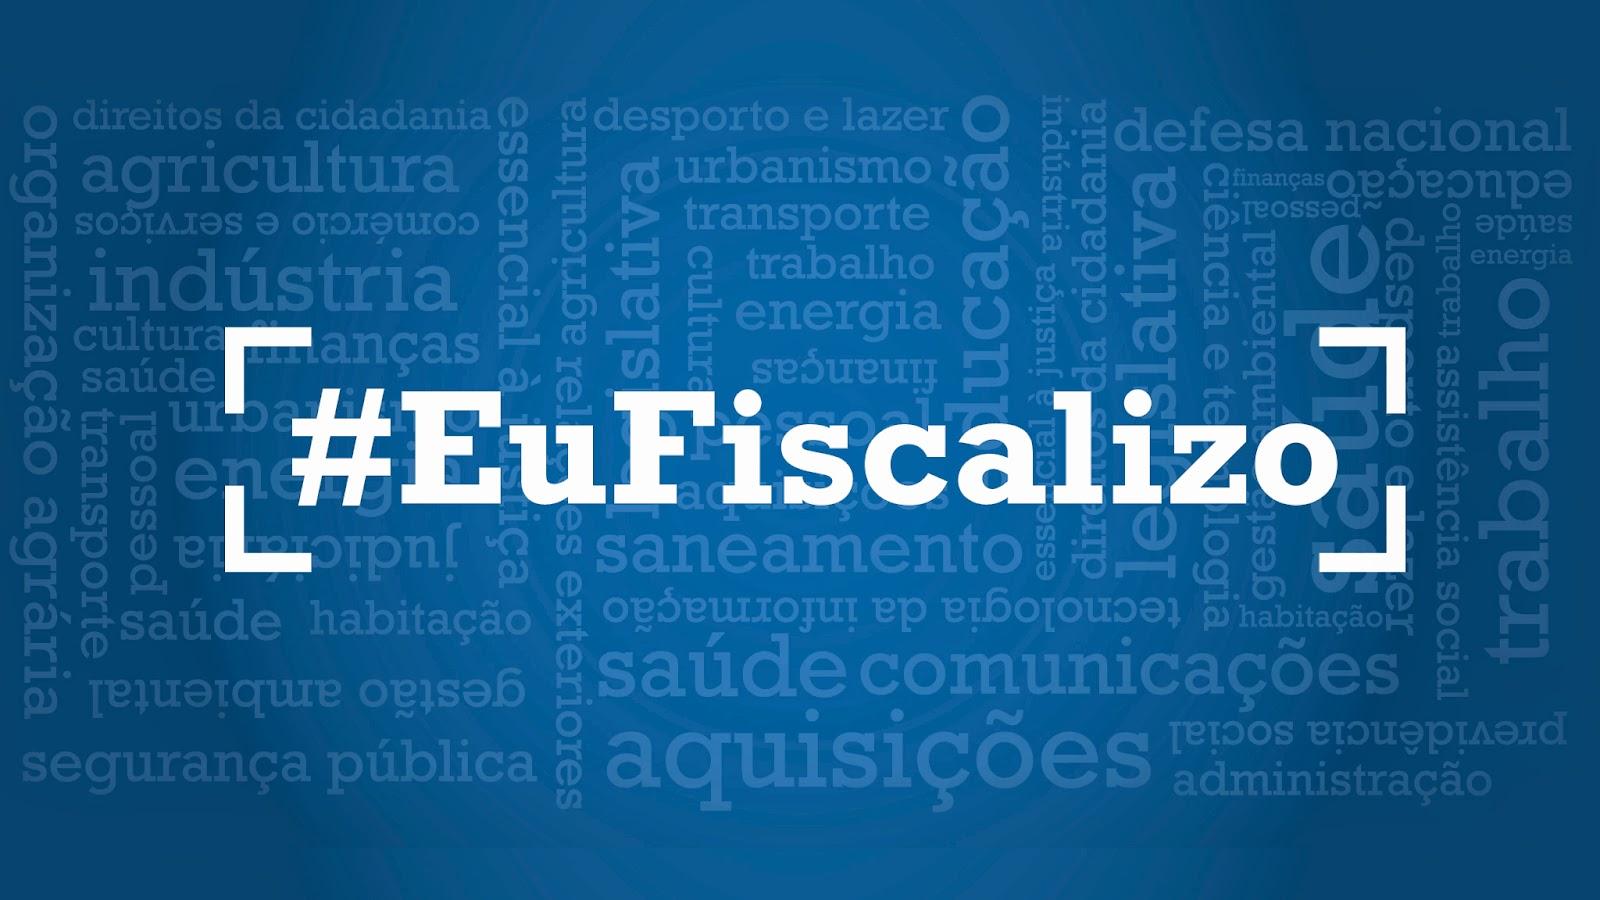 cob fundo azul, em letras brancas #EuFiscalizo.